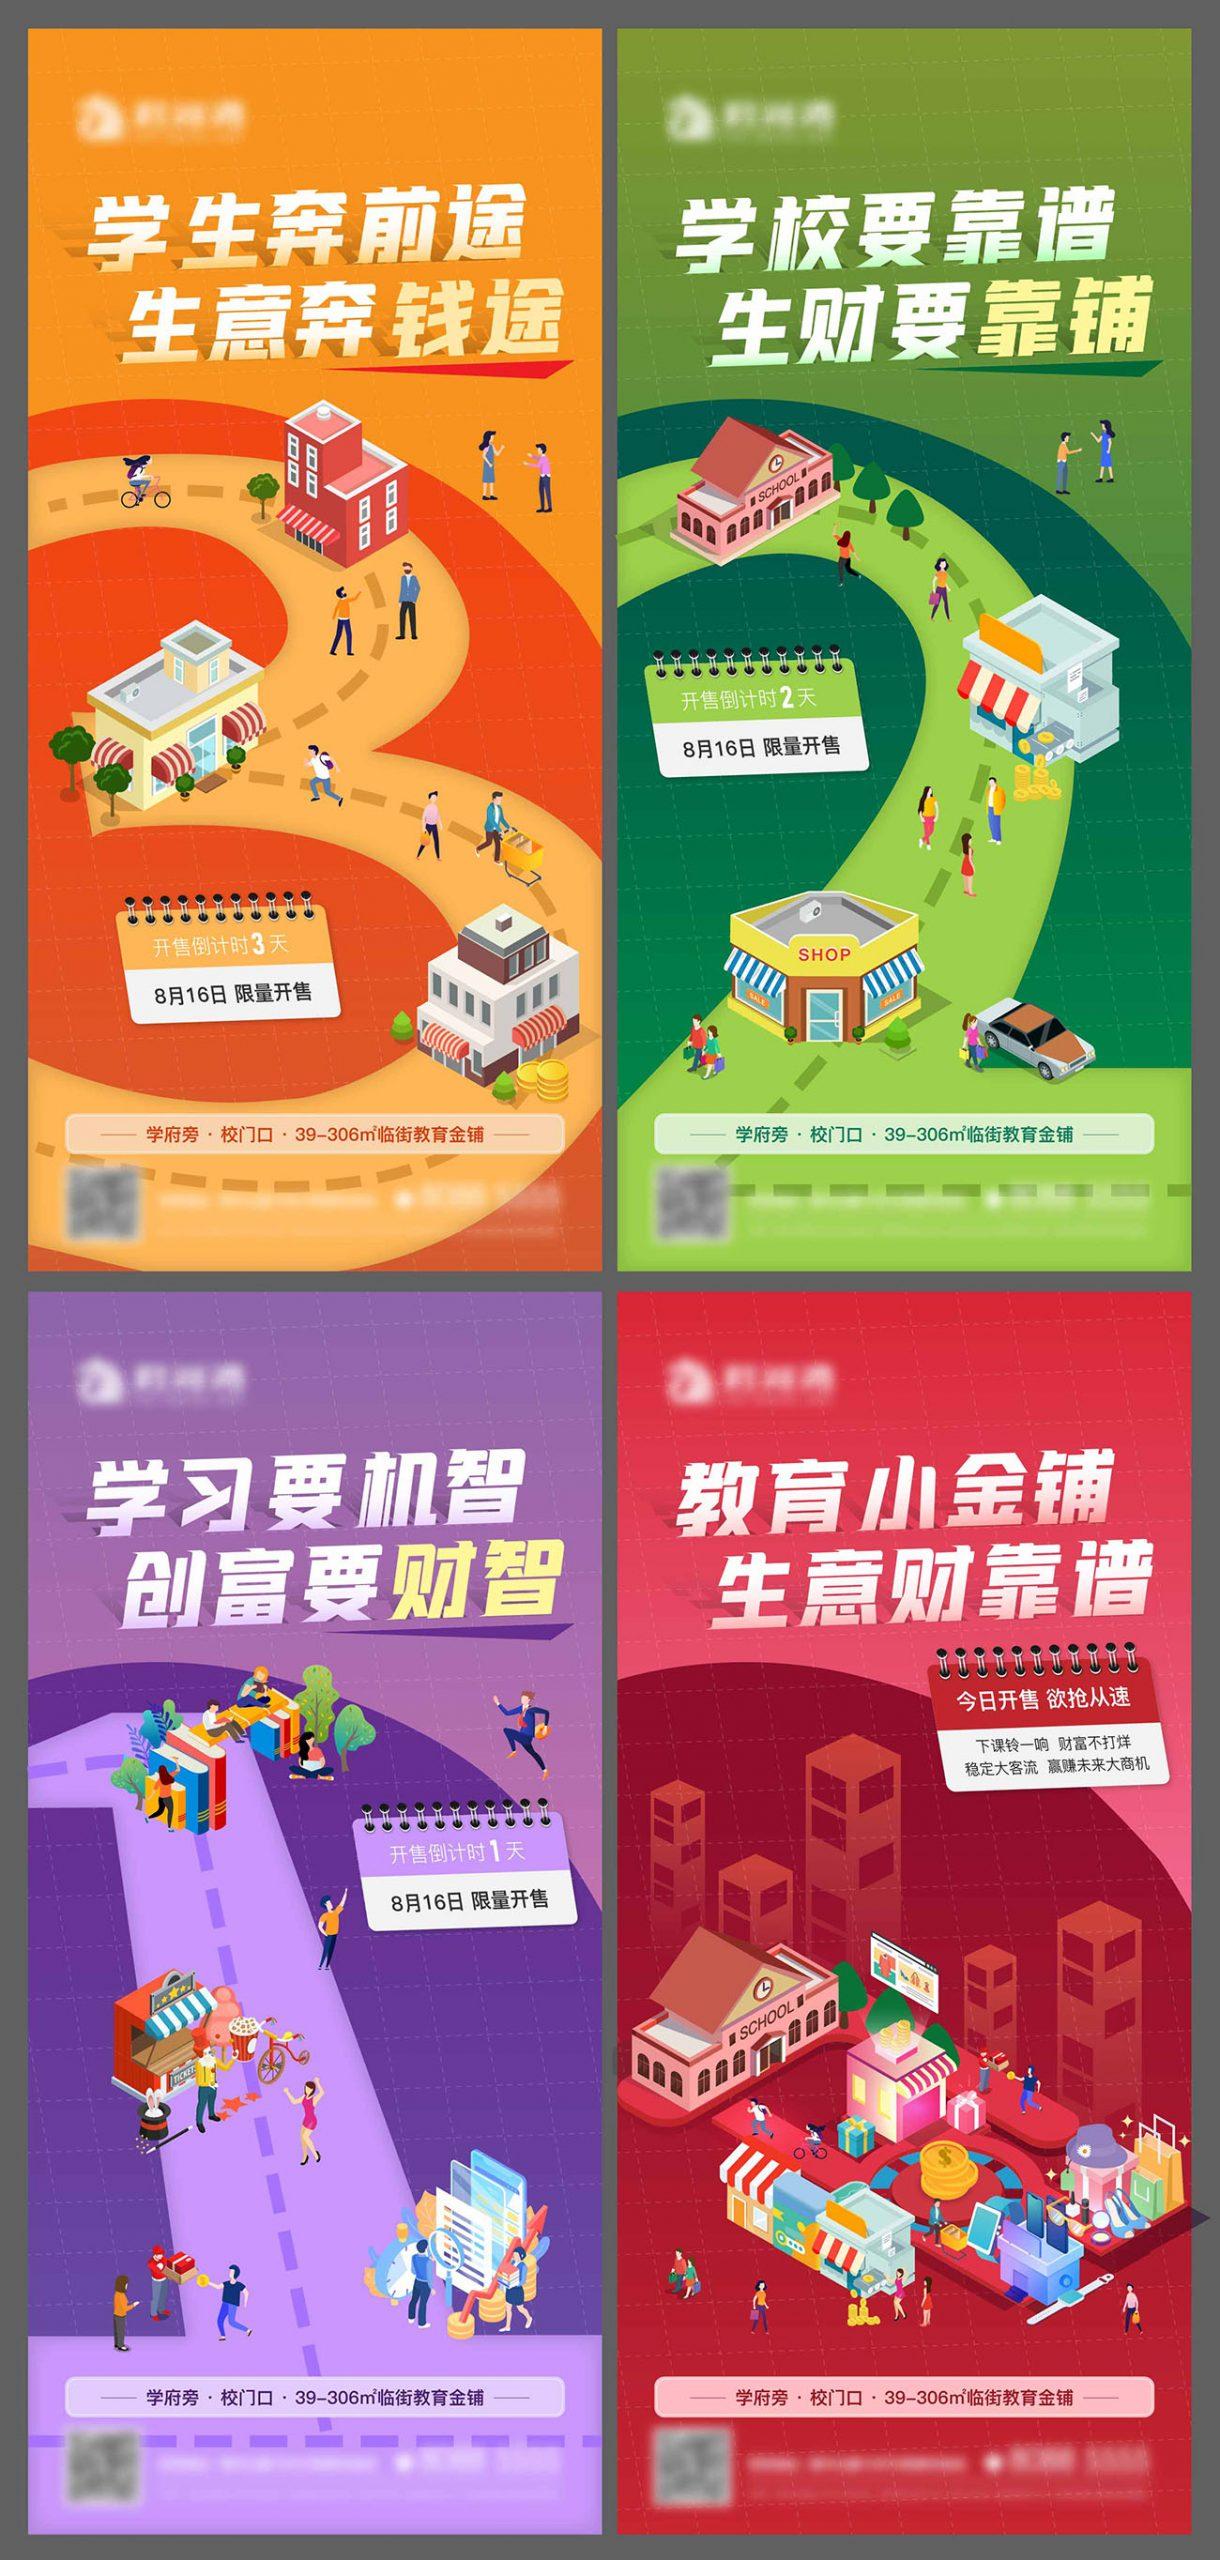 地产学区商铺倒计时开盘系列海报AI源文件插图